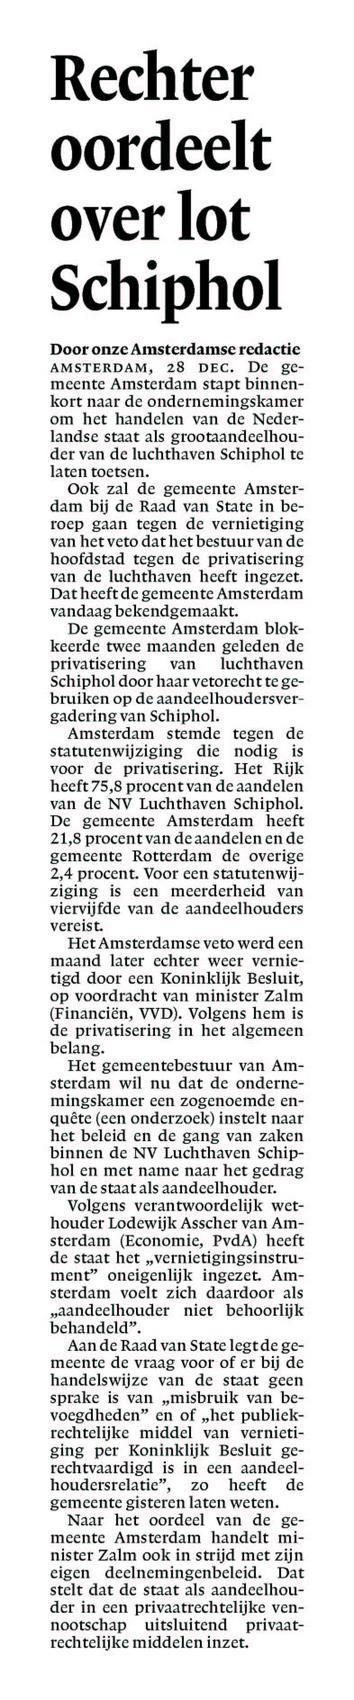 Rechter oordeelt over lot Schiphol